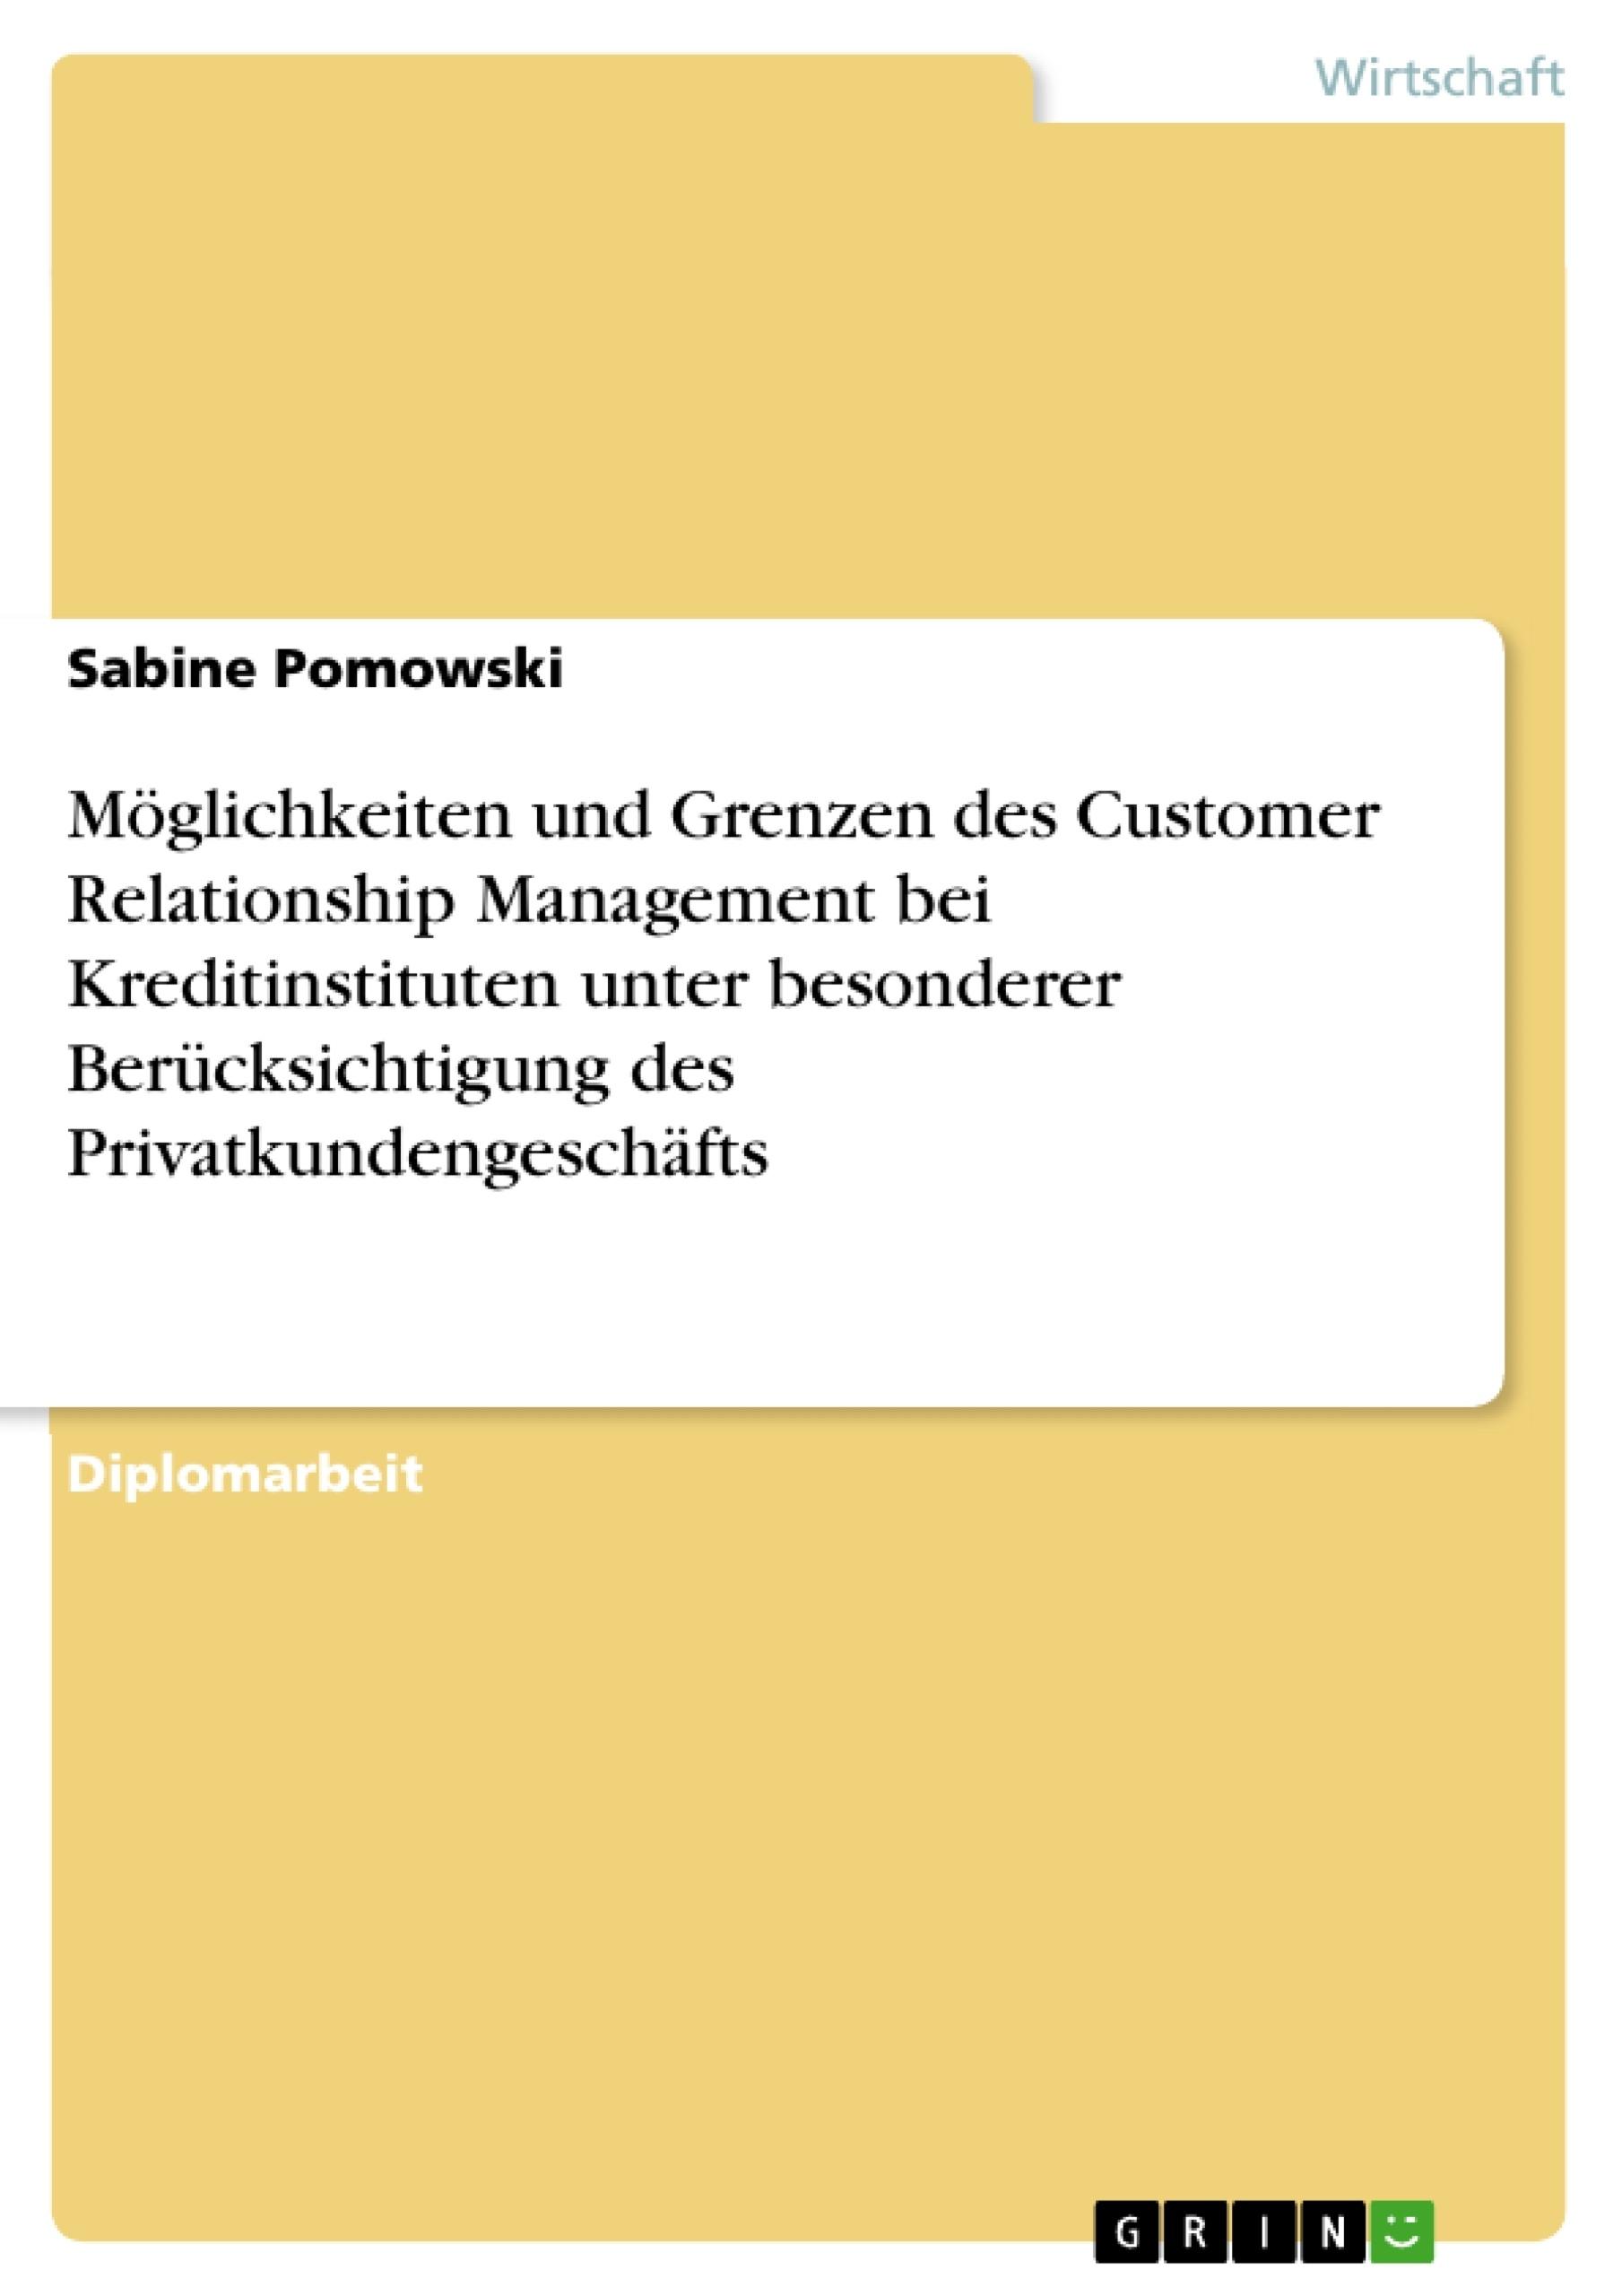 Titel: Möglichkeiten und Grenzen des Customer Relationship Management bei Kreditinstituten unter besonderer Berücksichtigung des Privatkundengeschäfts